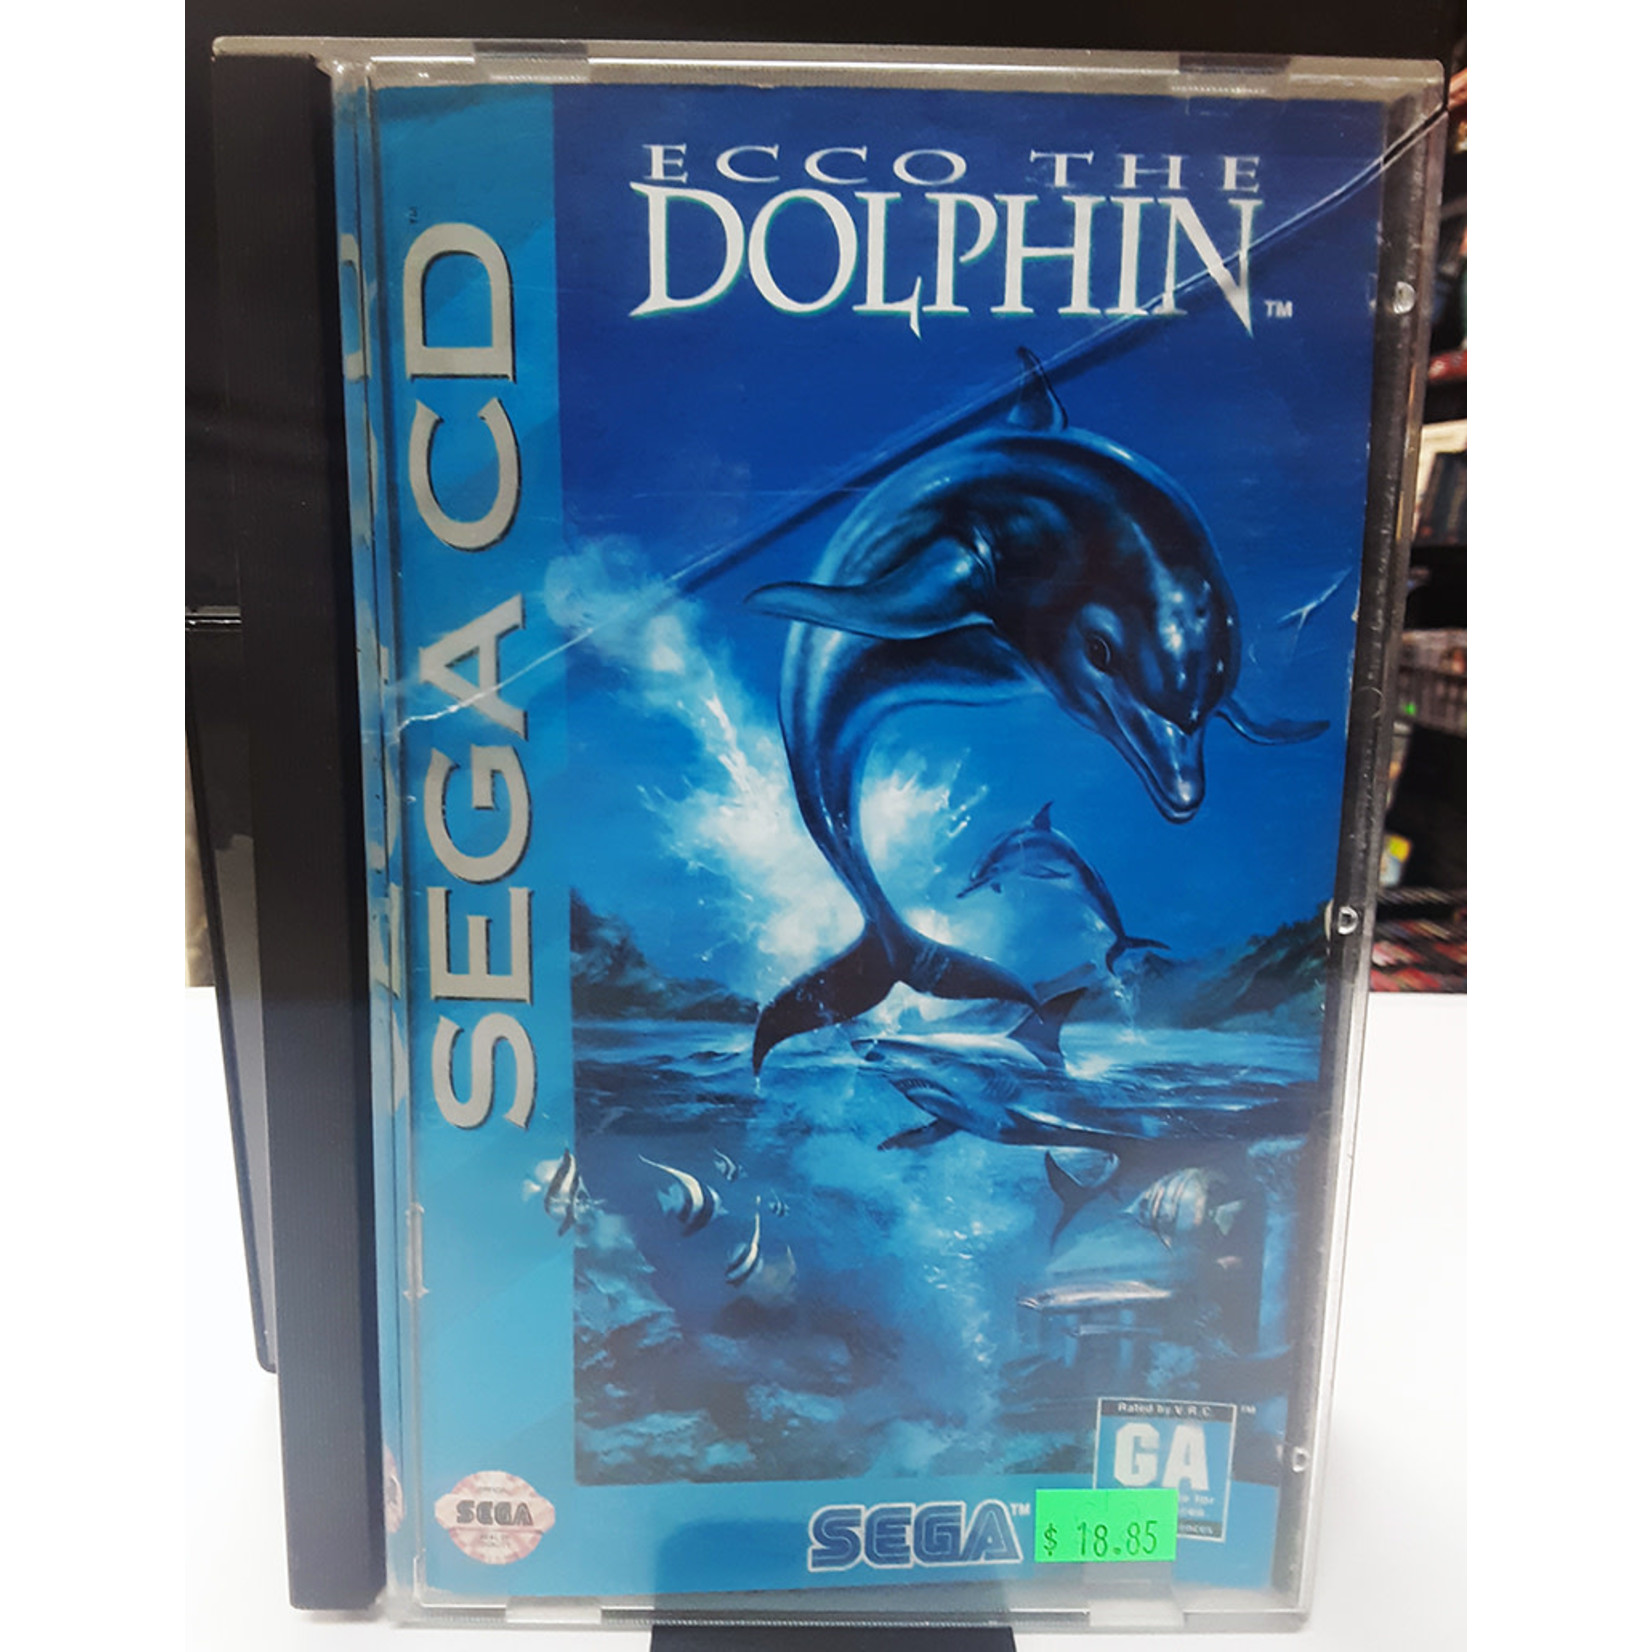 SCDU-Ecco the dolphin